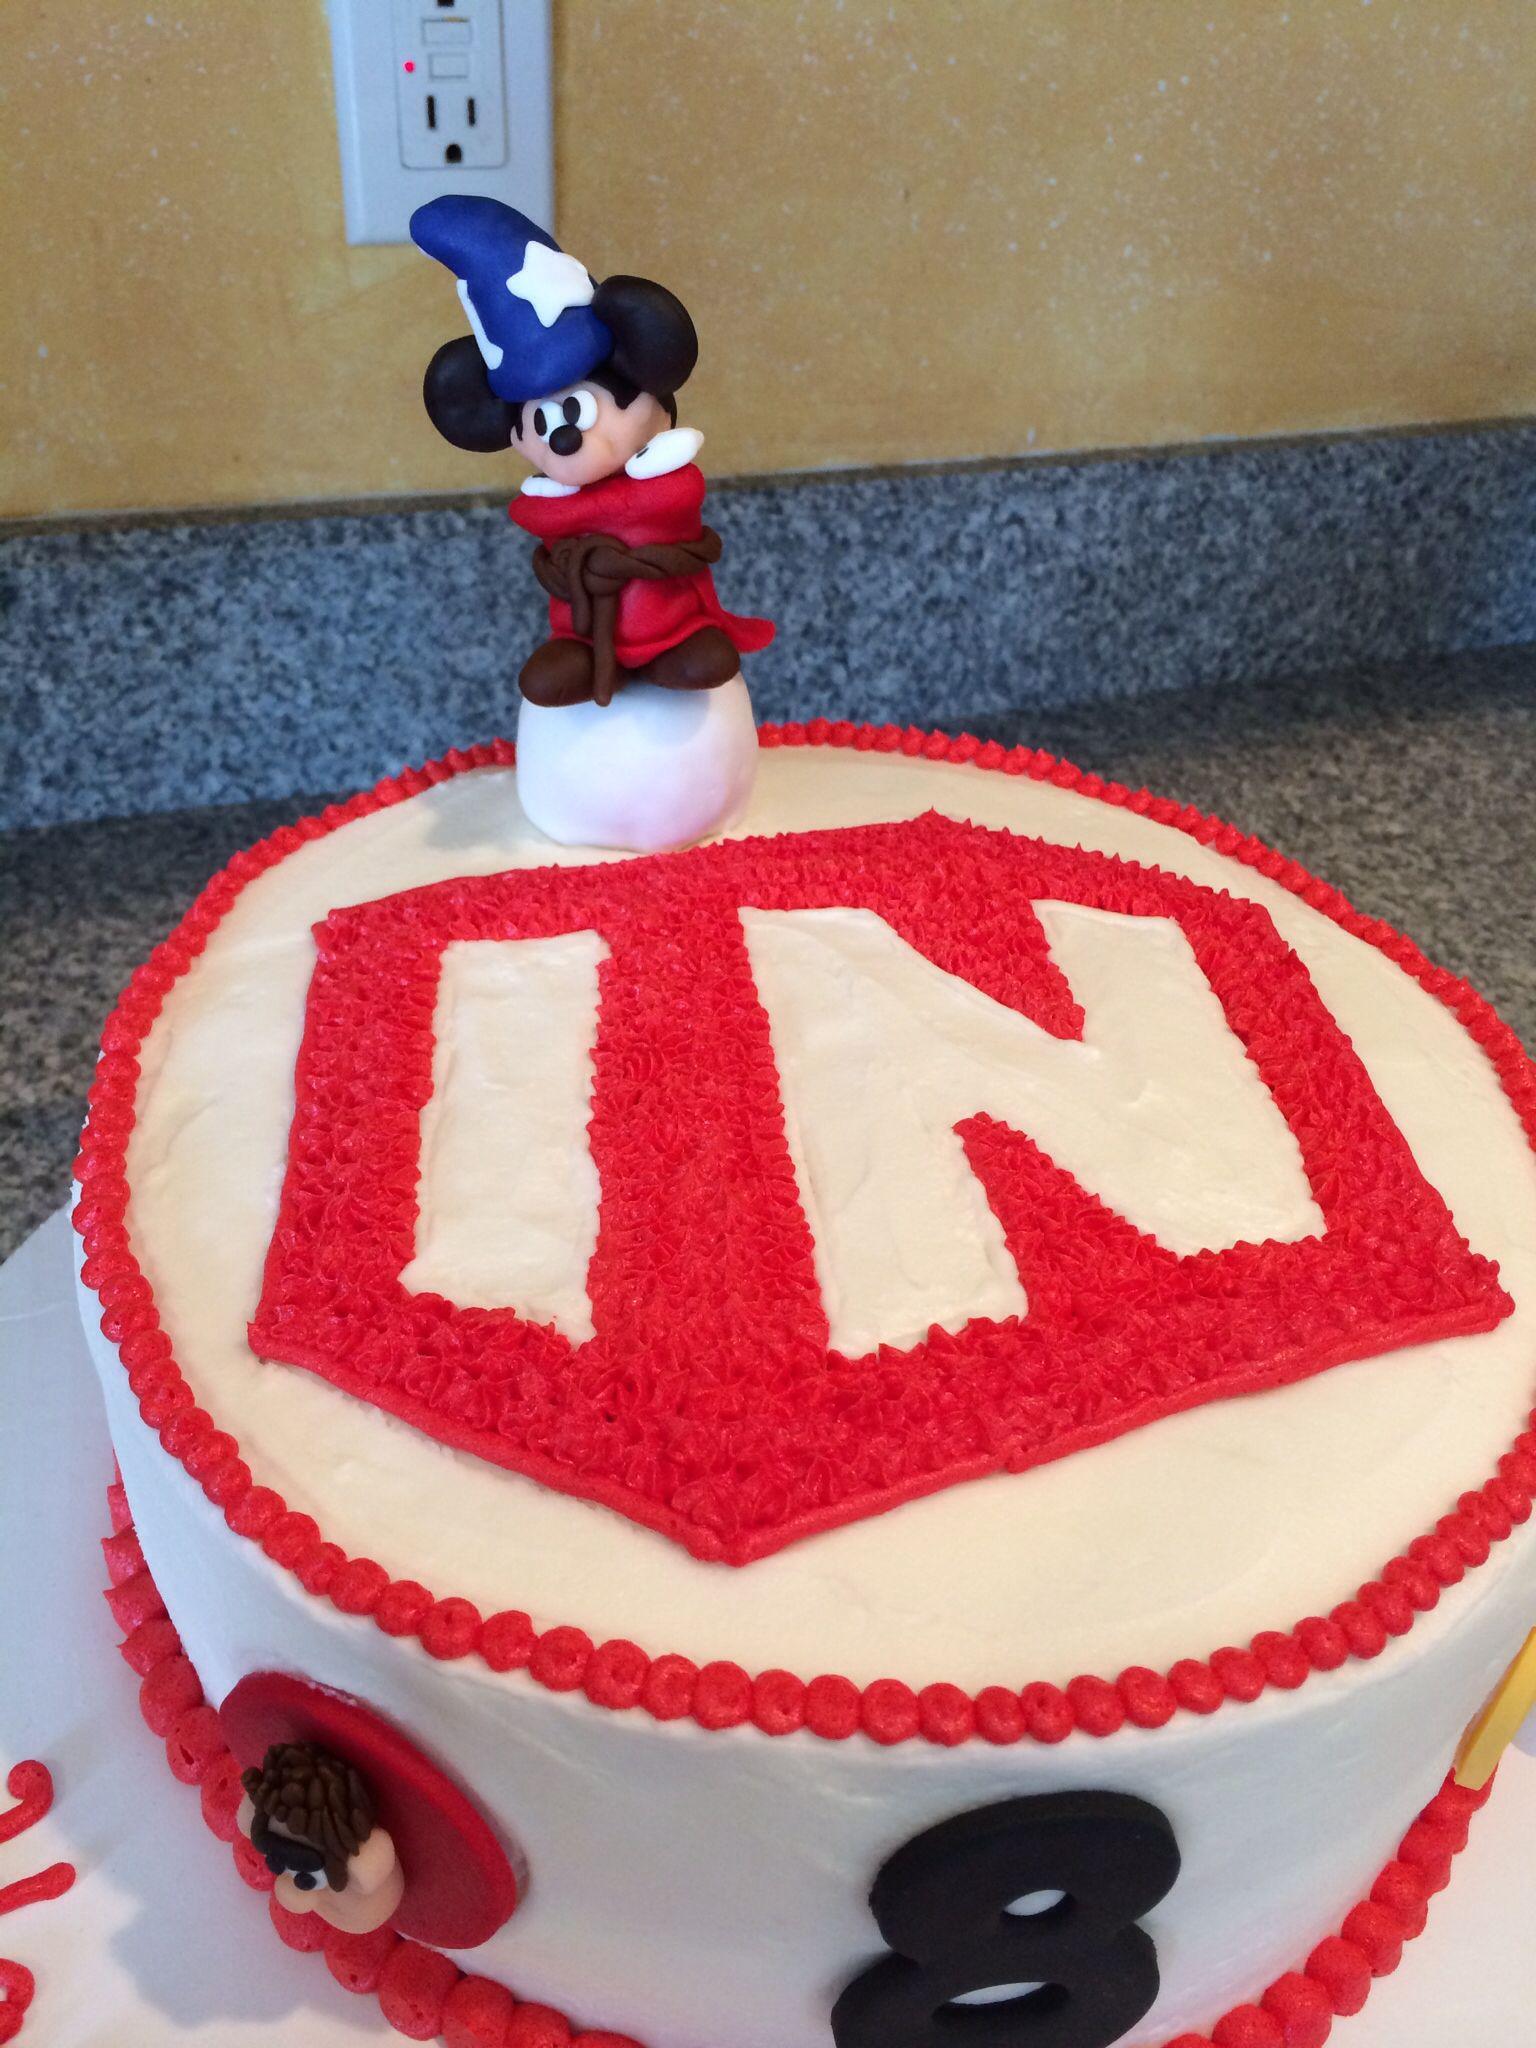 Disney Infinity Birthday Cake